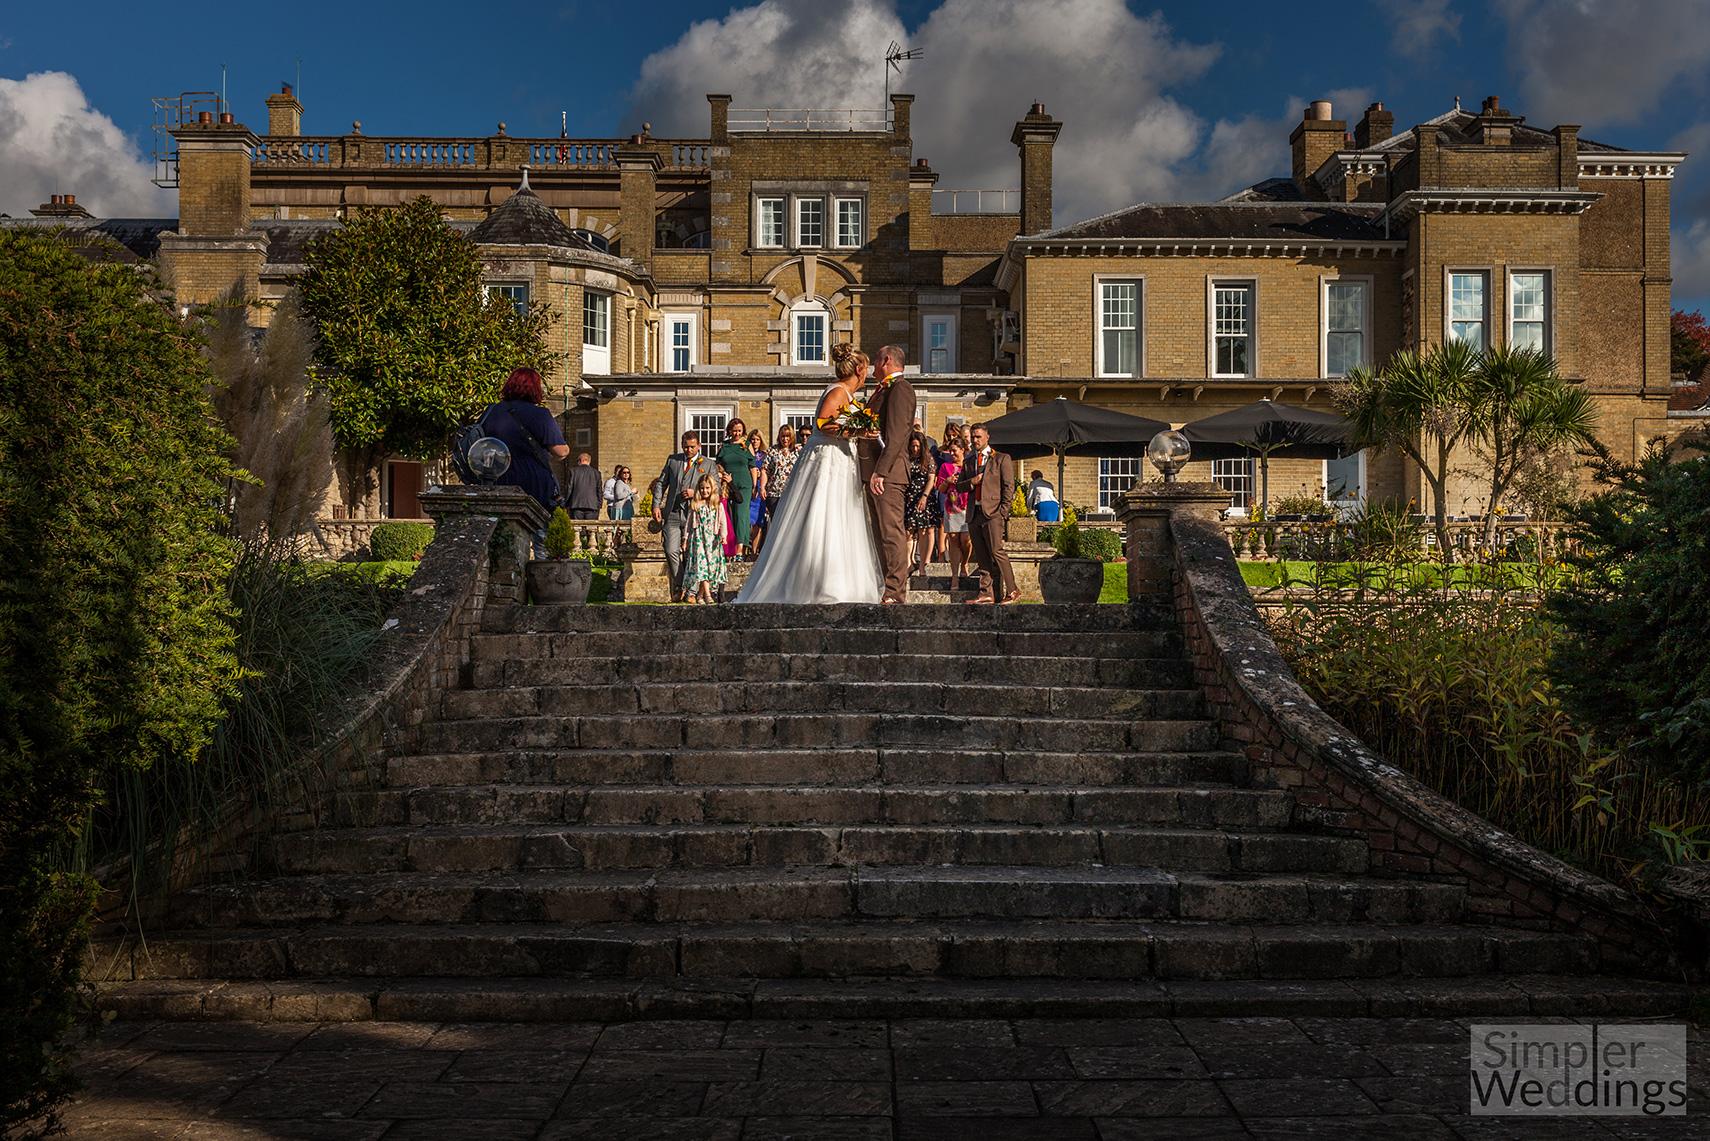 simpler-weddings-valuecover.jpg